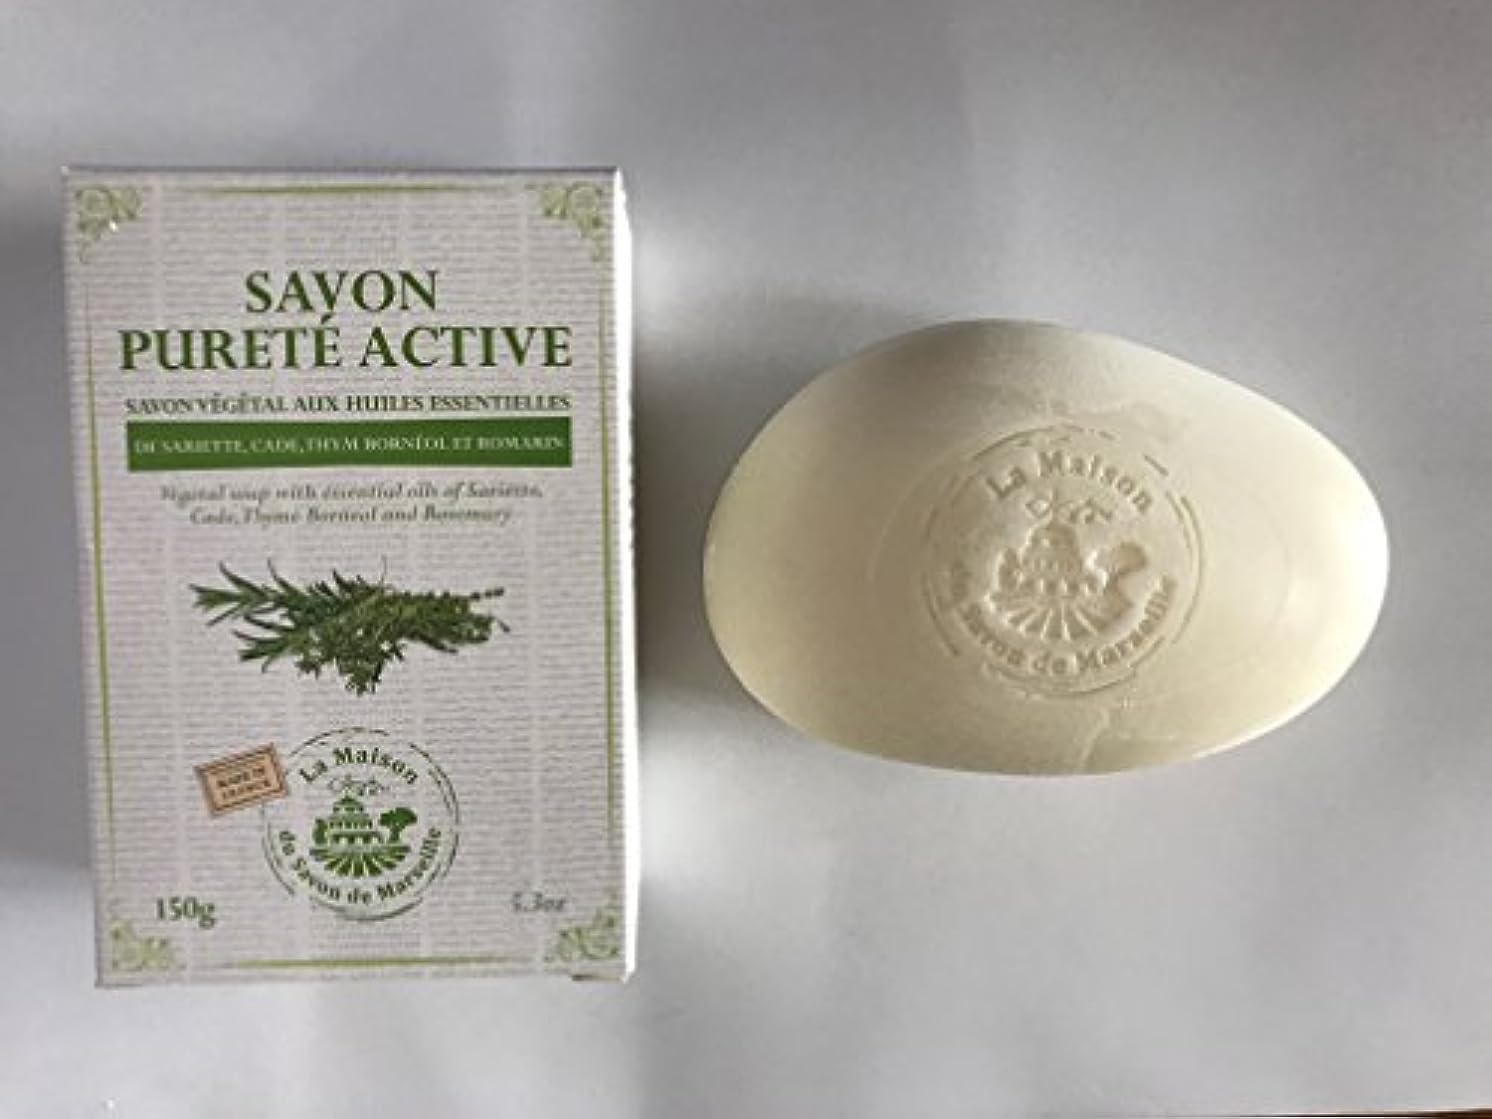 またね石膏準備するSavon de Marseille Soap with essential oils,Purete active 150g